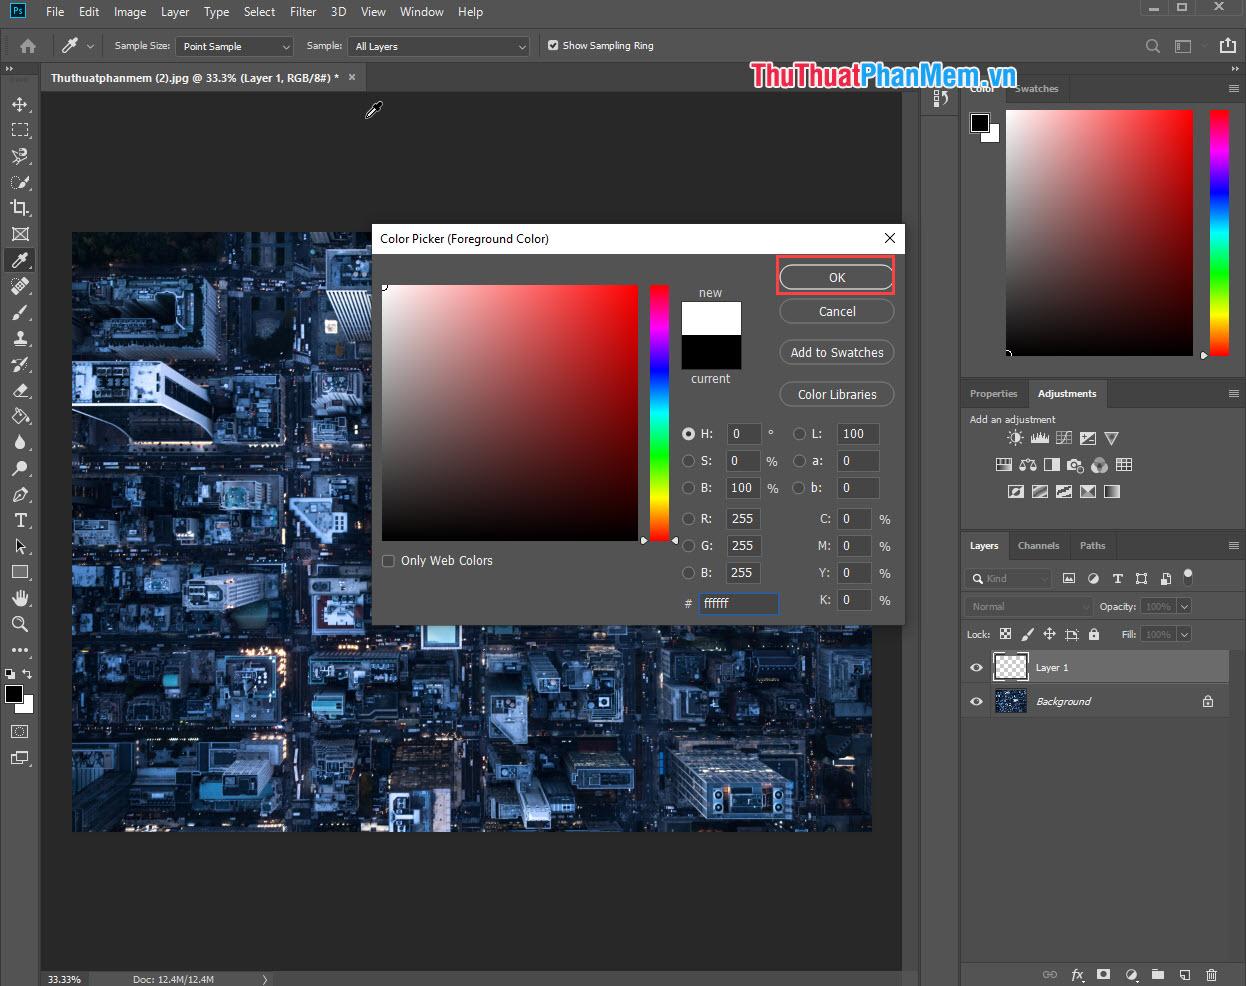 Tiến hành chọn màu sắc mà mình muốn đổ lên ảnh